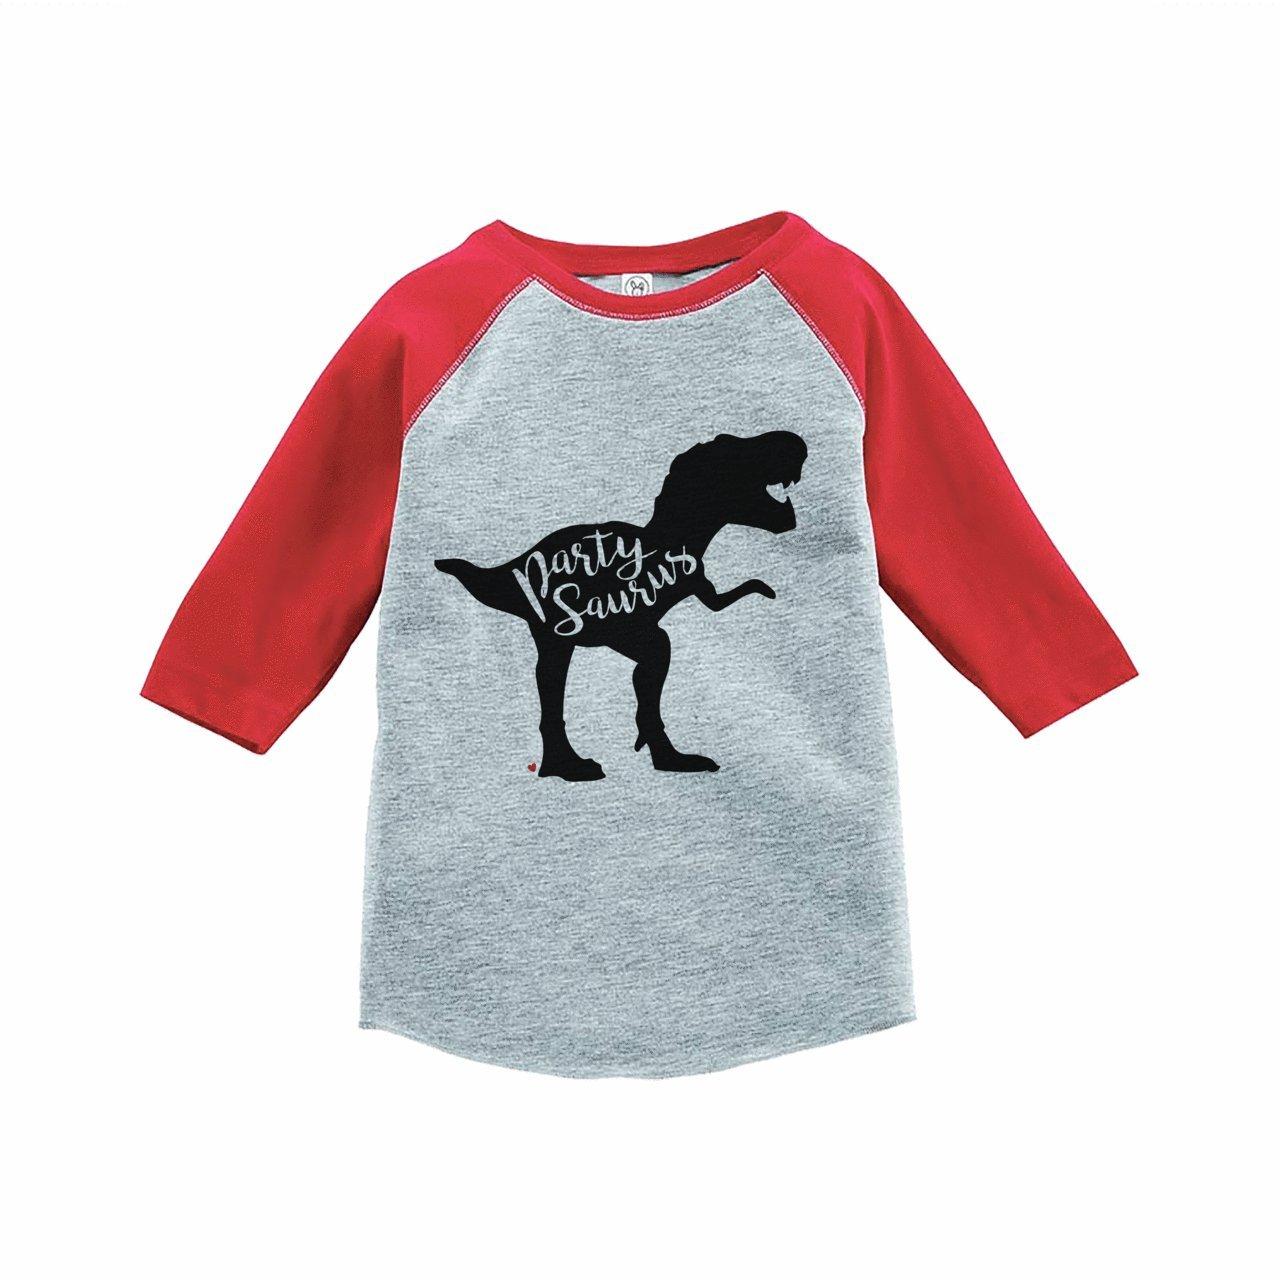 7 ate 9 Apparel Kids Partysaurus Dinosaur Birthday Red Raglan Tee